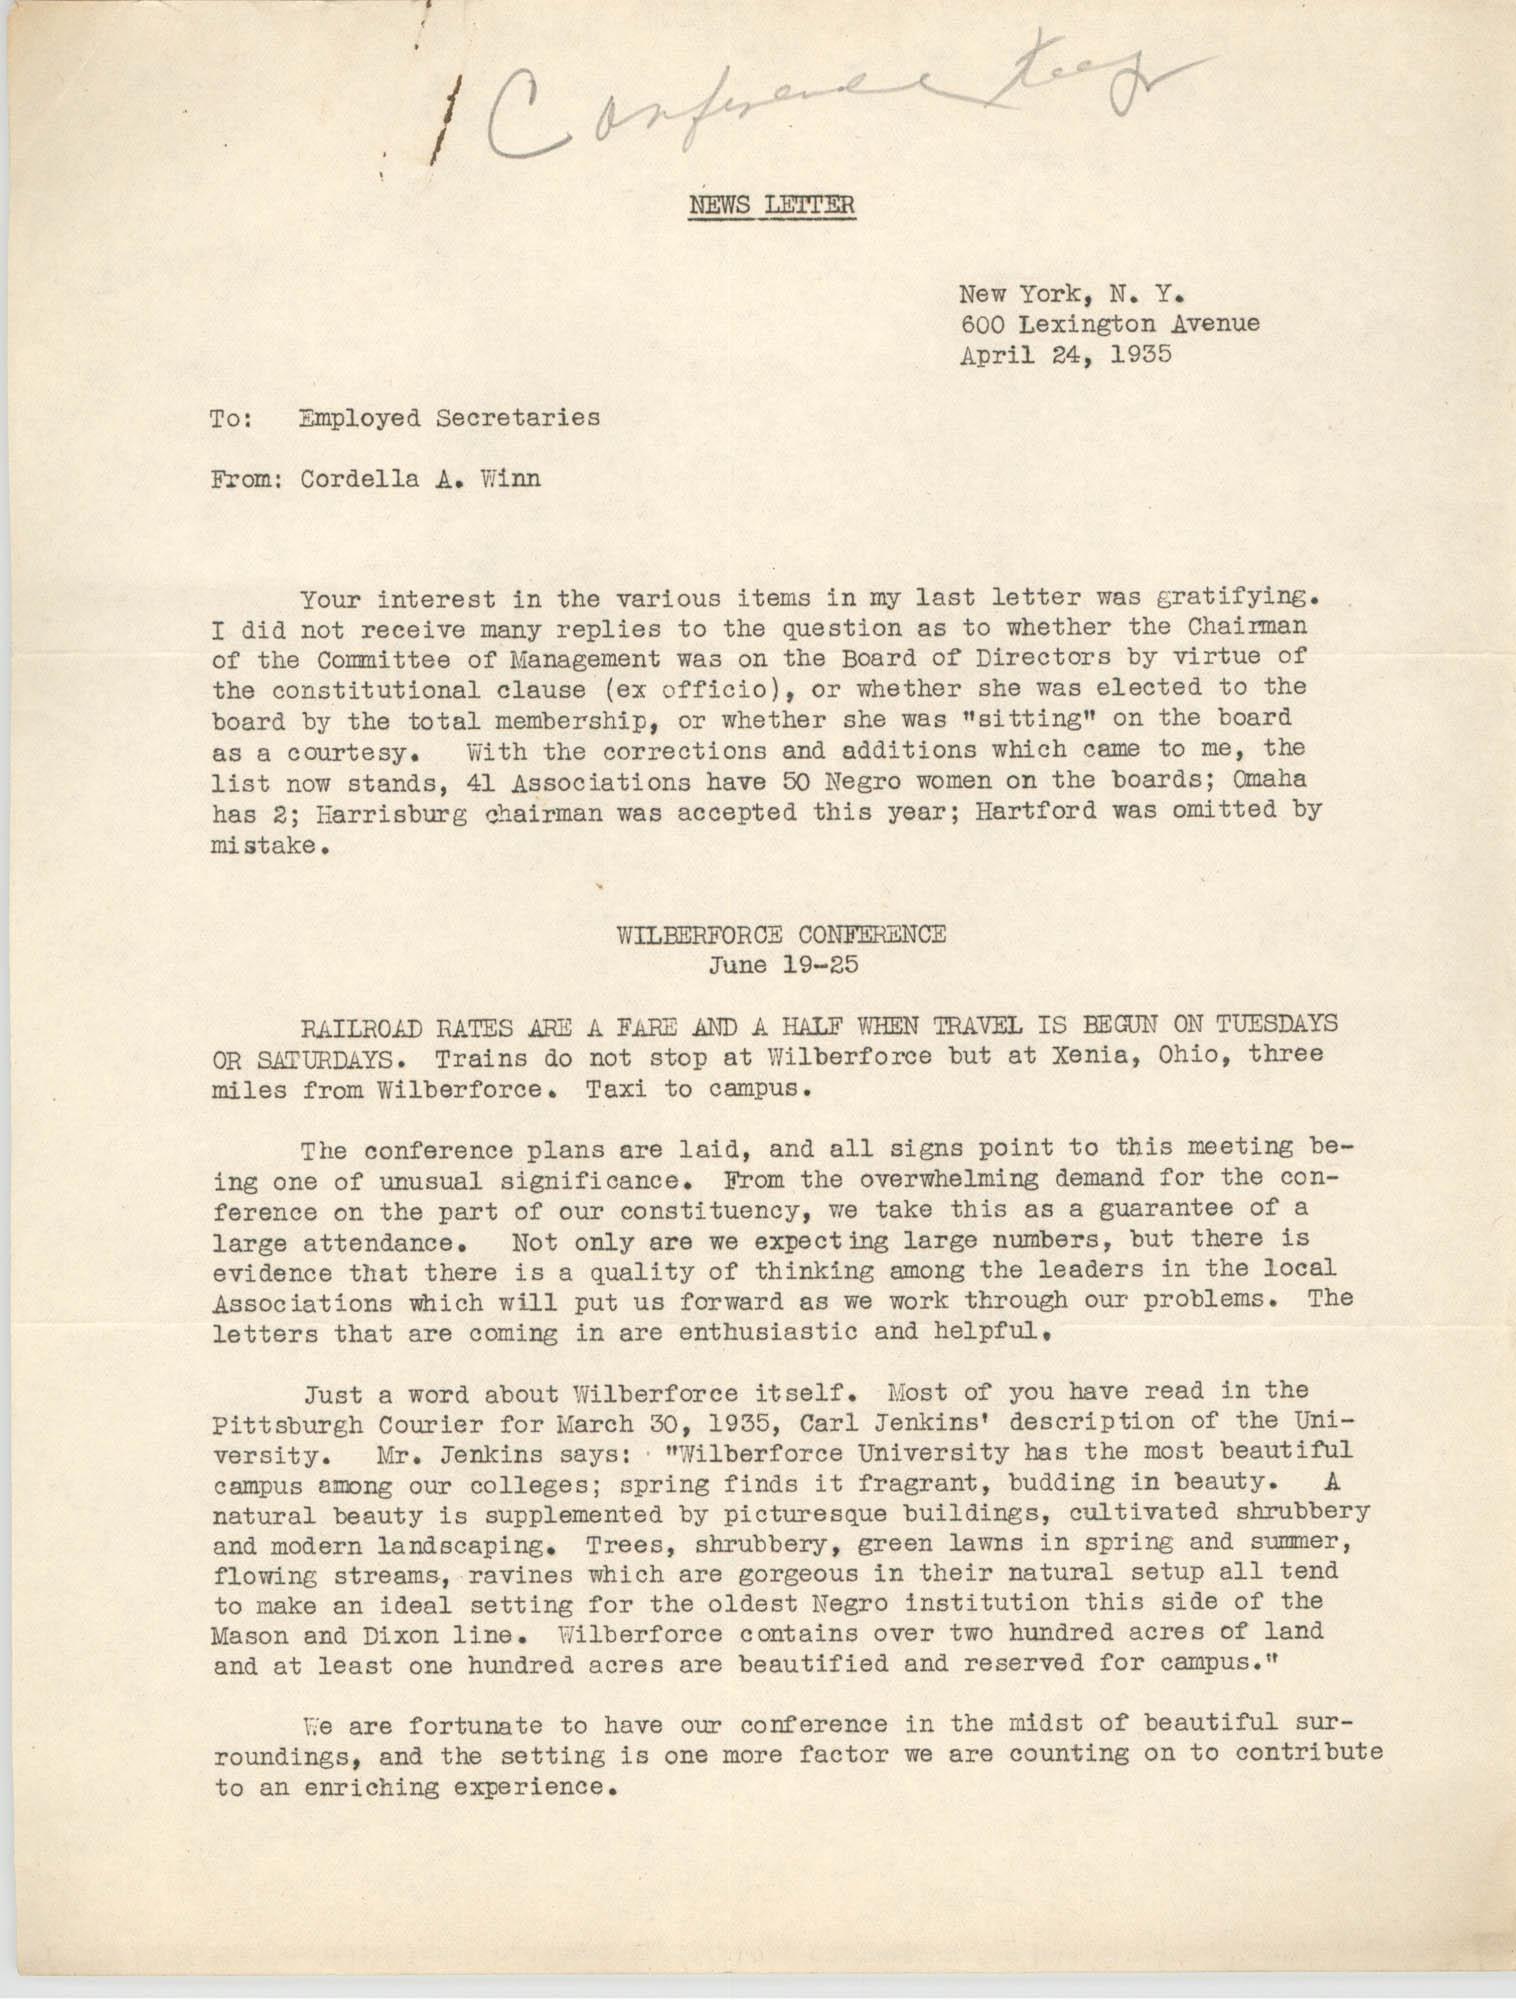 Y.W.C.A. News Letter, April 24, 1935